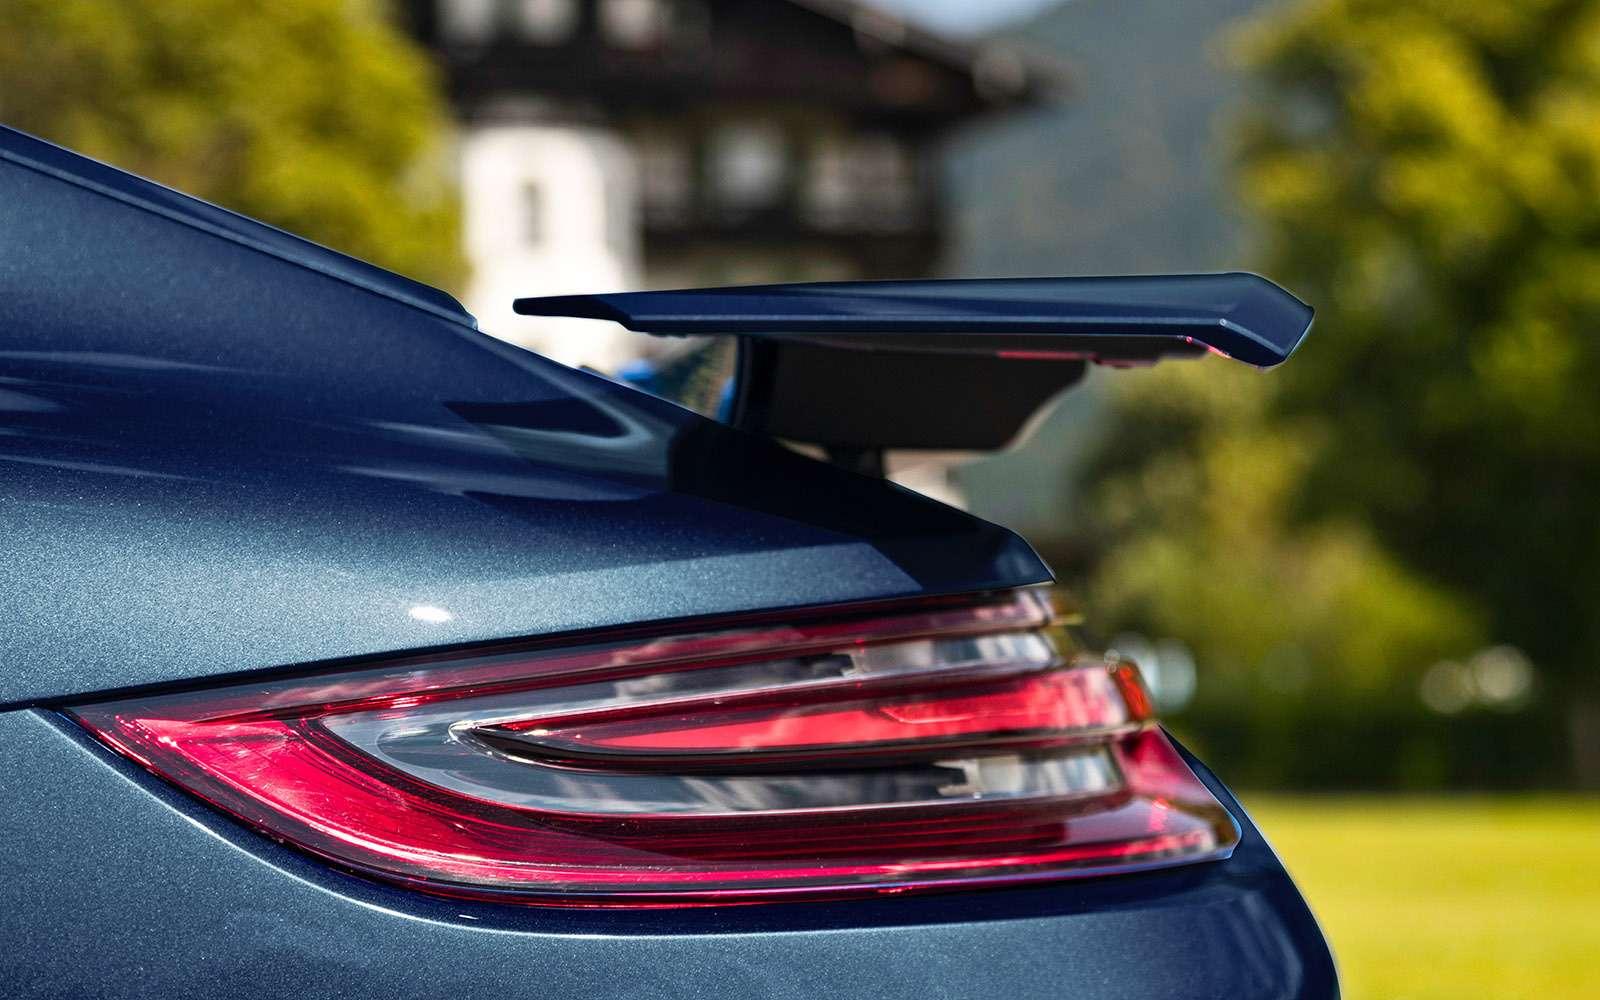 Porsche Panamera 2017: цитата из911— фото 644159